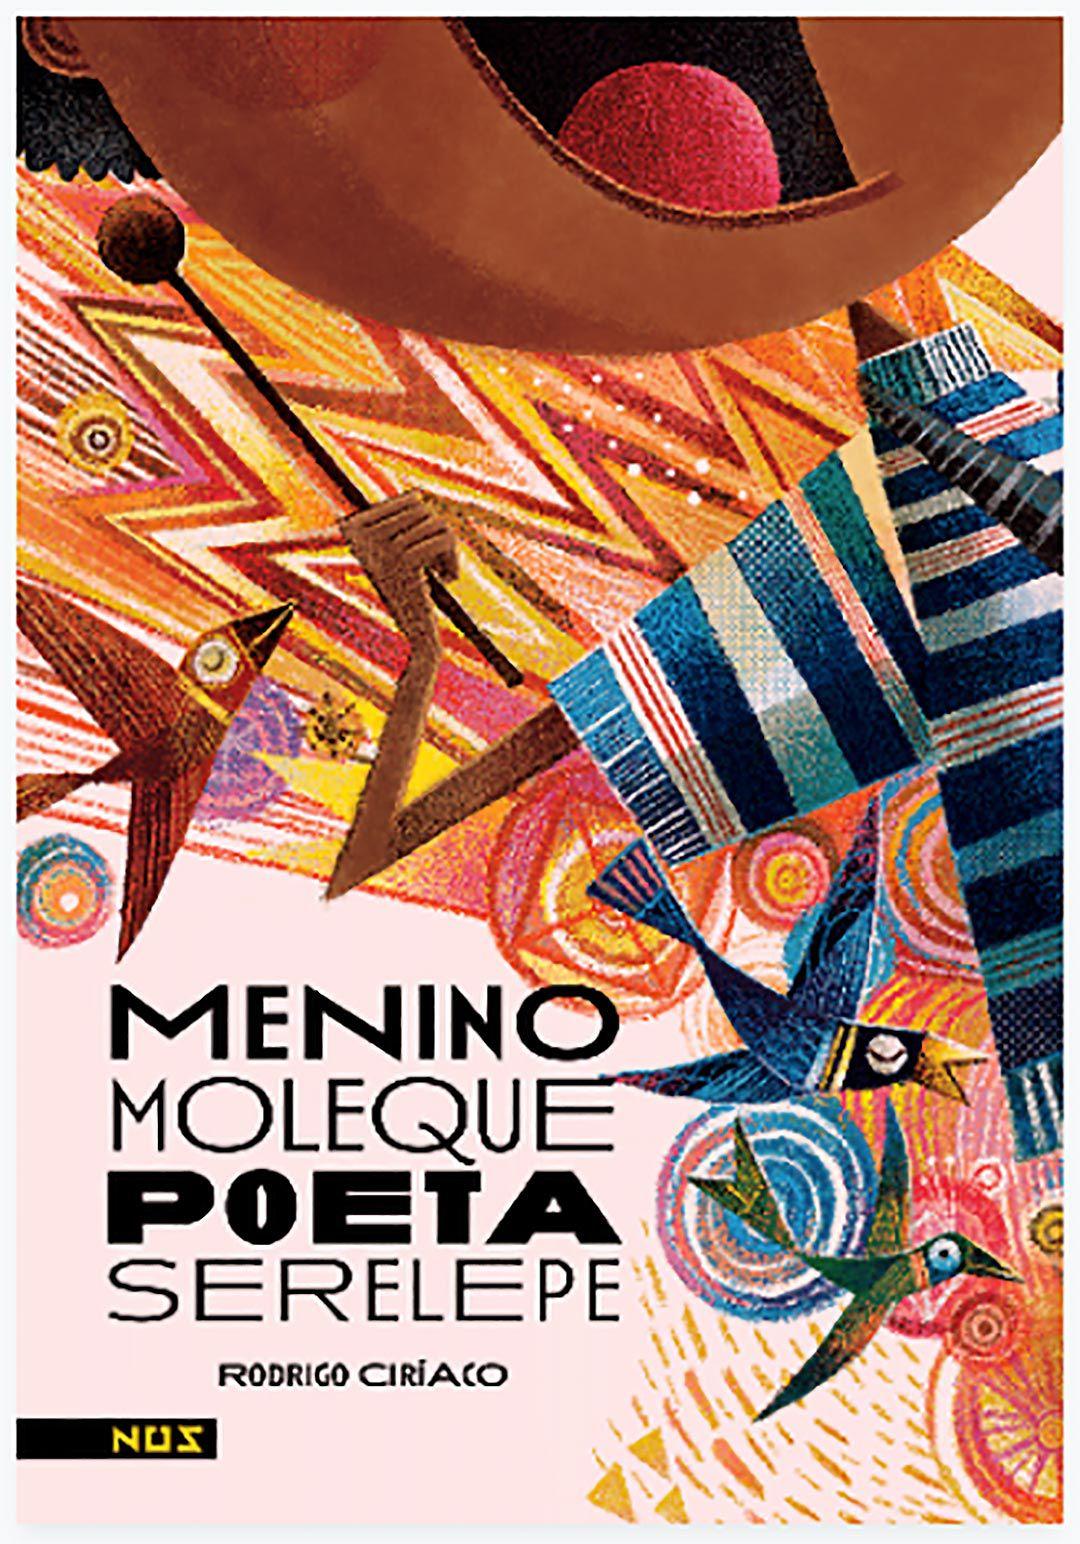 Menino Moleque Poeta Serelepe  - LiteraRUA